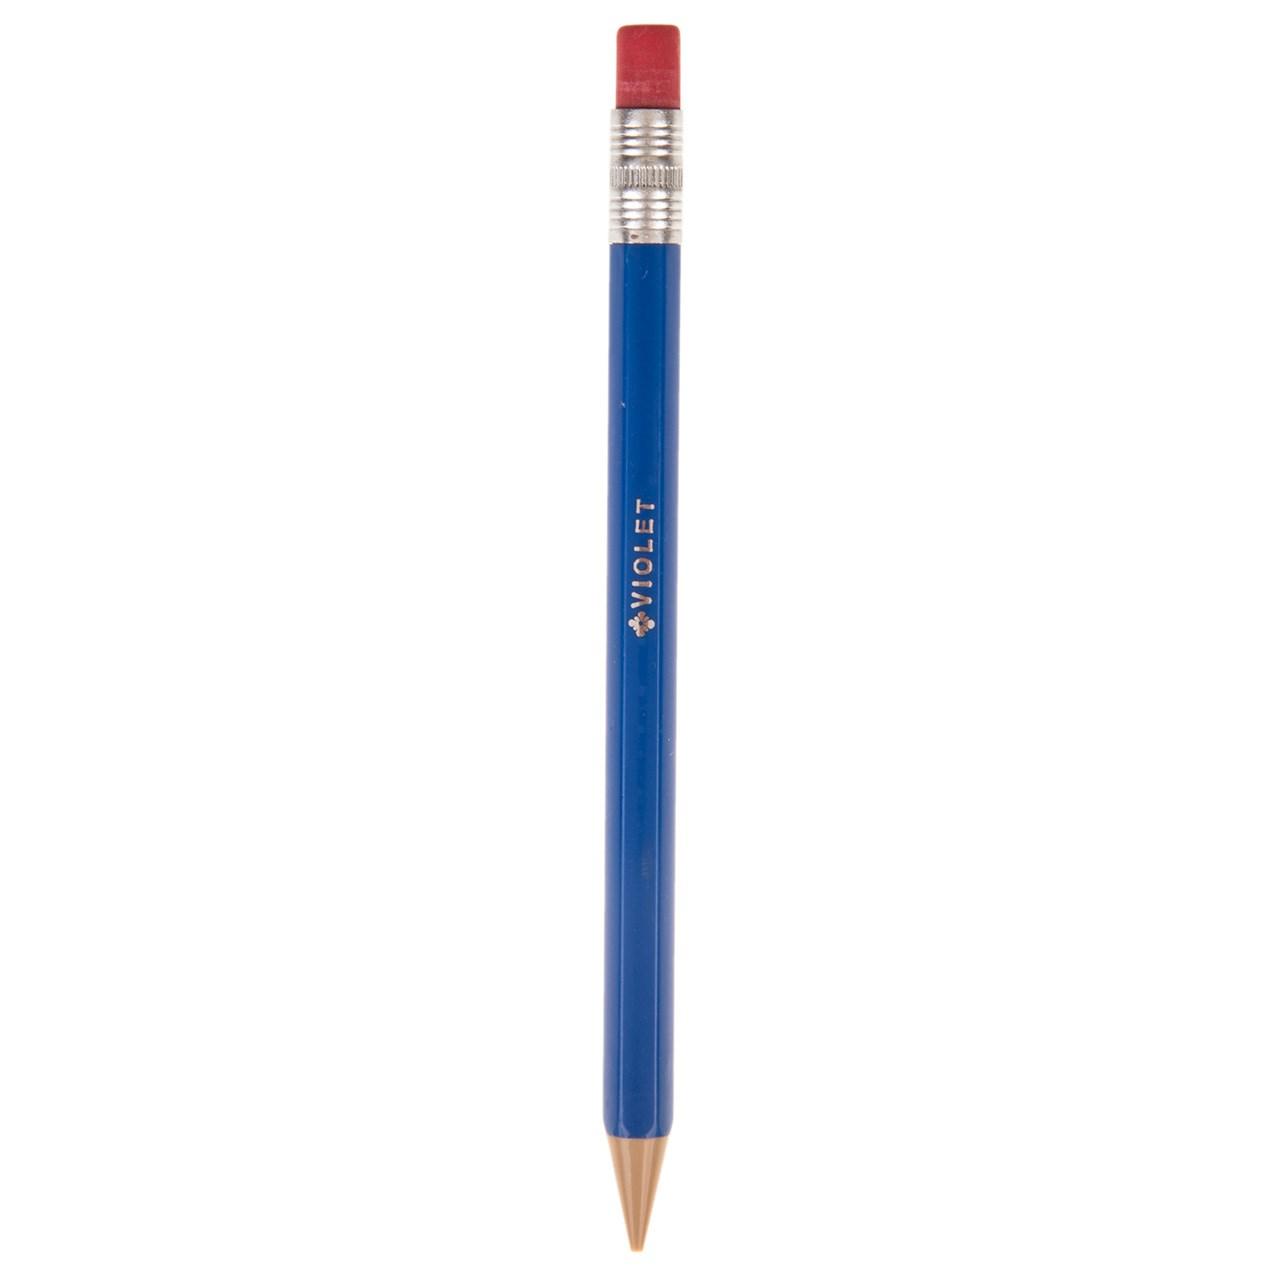 مداد نوکی 0.5 میلی متری ویولت